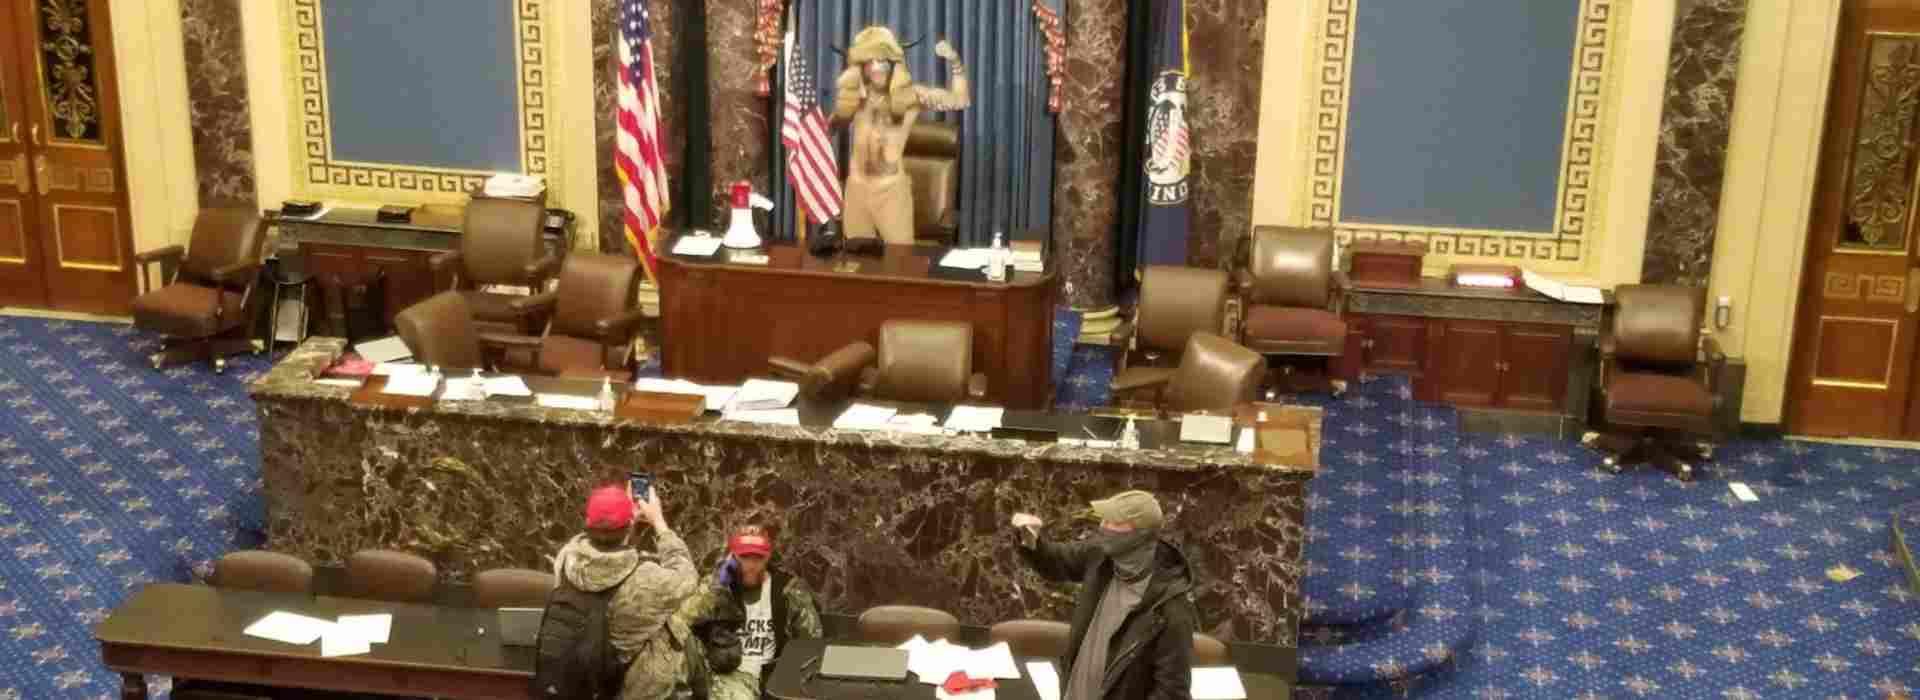 La pseudo-rivolta di Capitol Hill